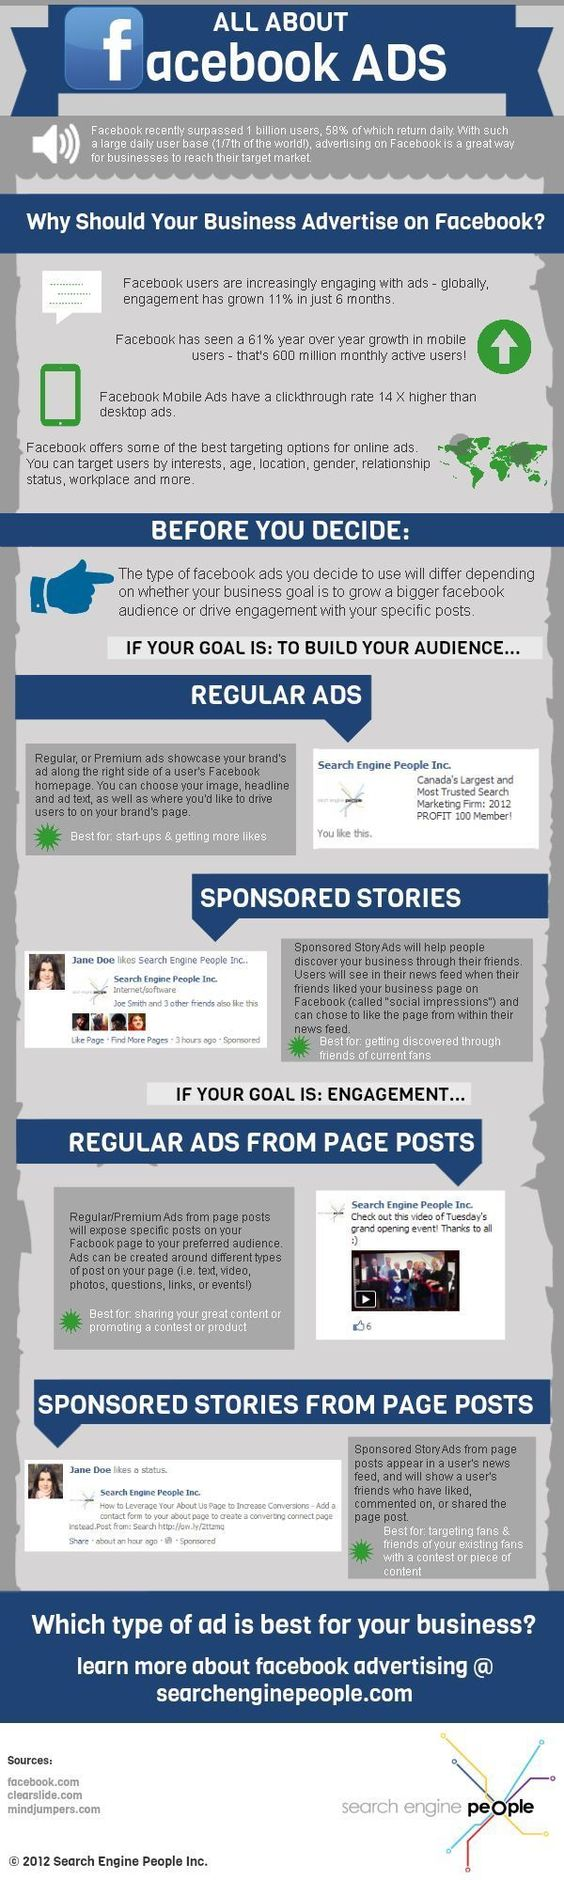 Todo Lo Que Debes Saber Sobre Facebook Ads Infografia Infographic Socialmedia Facebook Marketing Strategy Facebook Ads Infographic Infographic Marketing